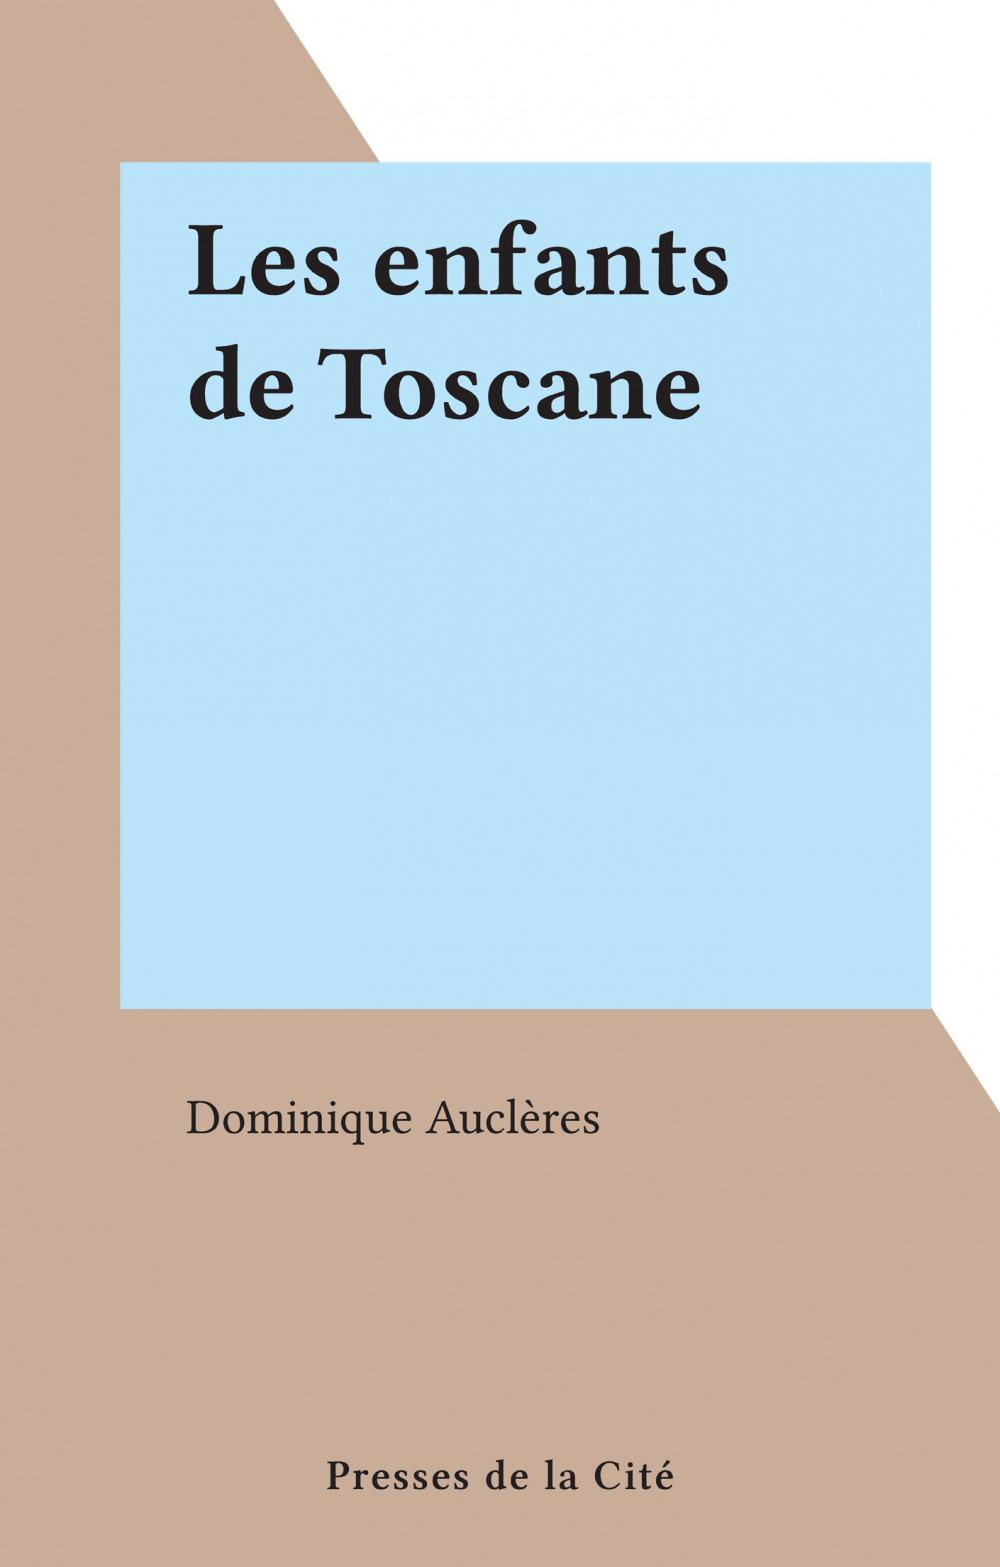 Les enfants de Toscane  - Dominique Auclères